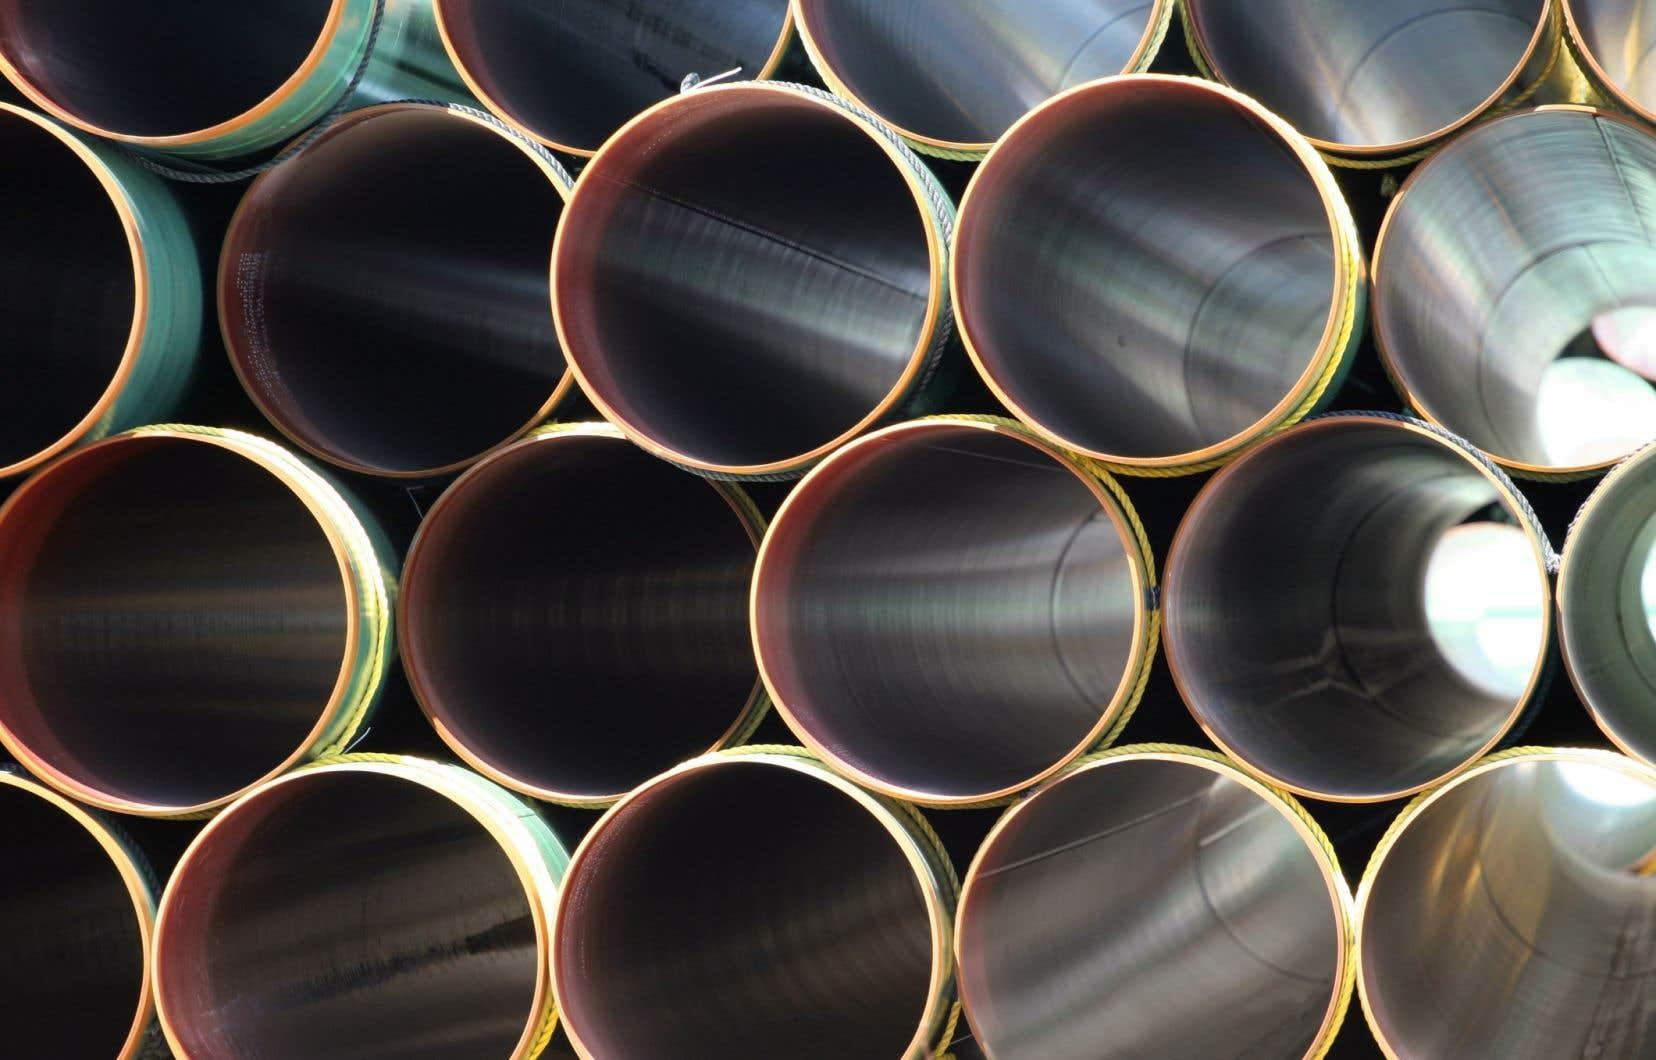 Le gazoduc destiné à la mise en marché de gaz naturel de l'Alberta devrait s'étendre sur une distance de 782 kilomètres, dont «environ» 720 kilomètres au Québec, de l'Abitibi au Saguenay.